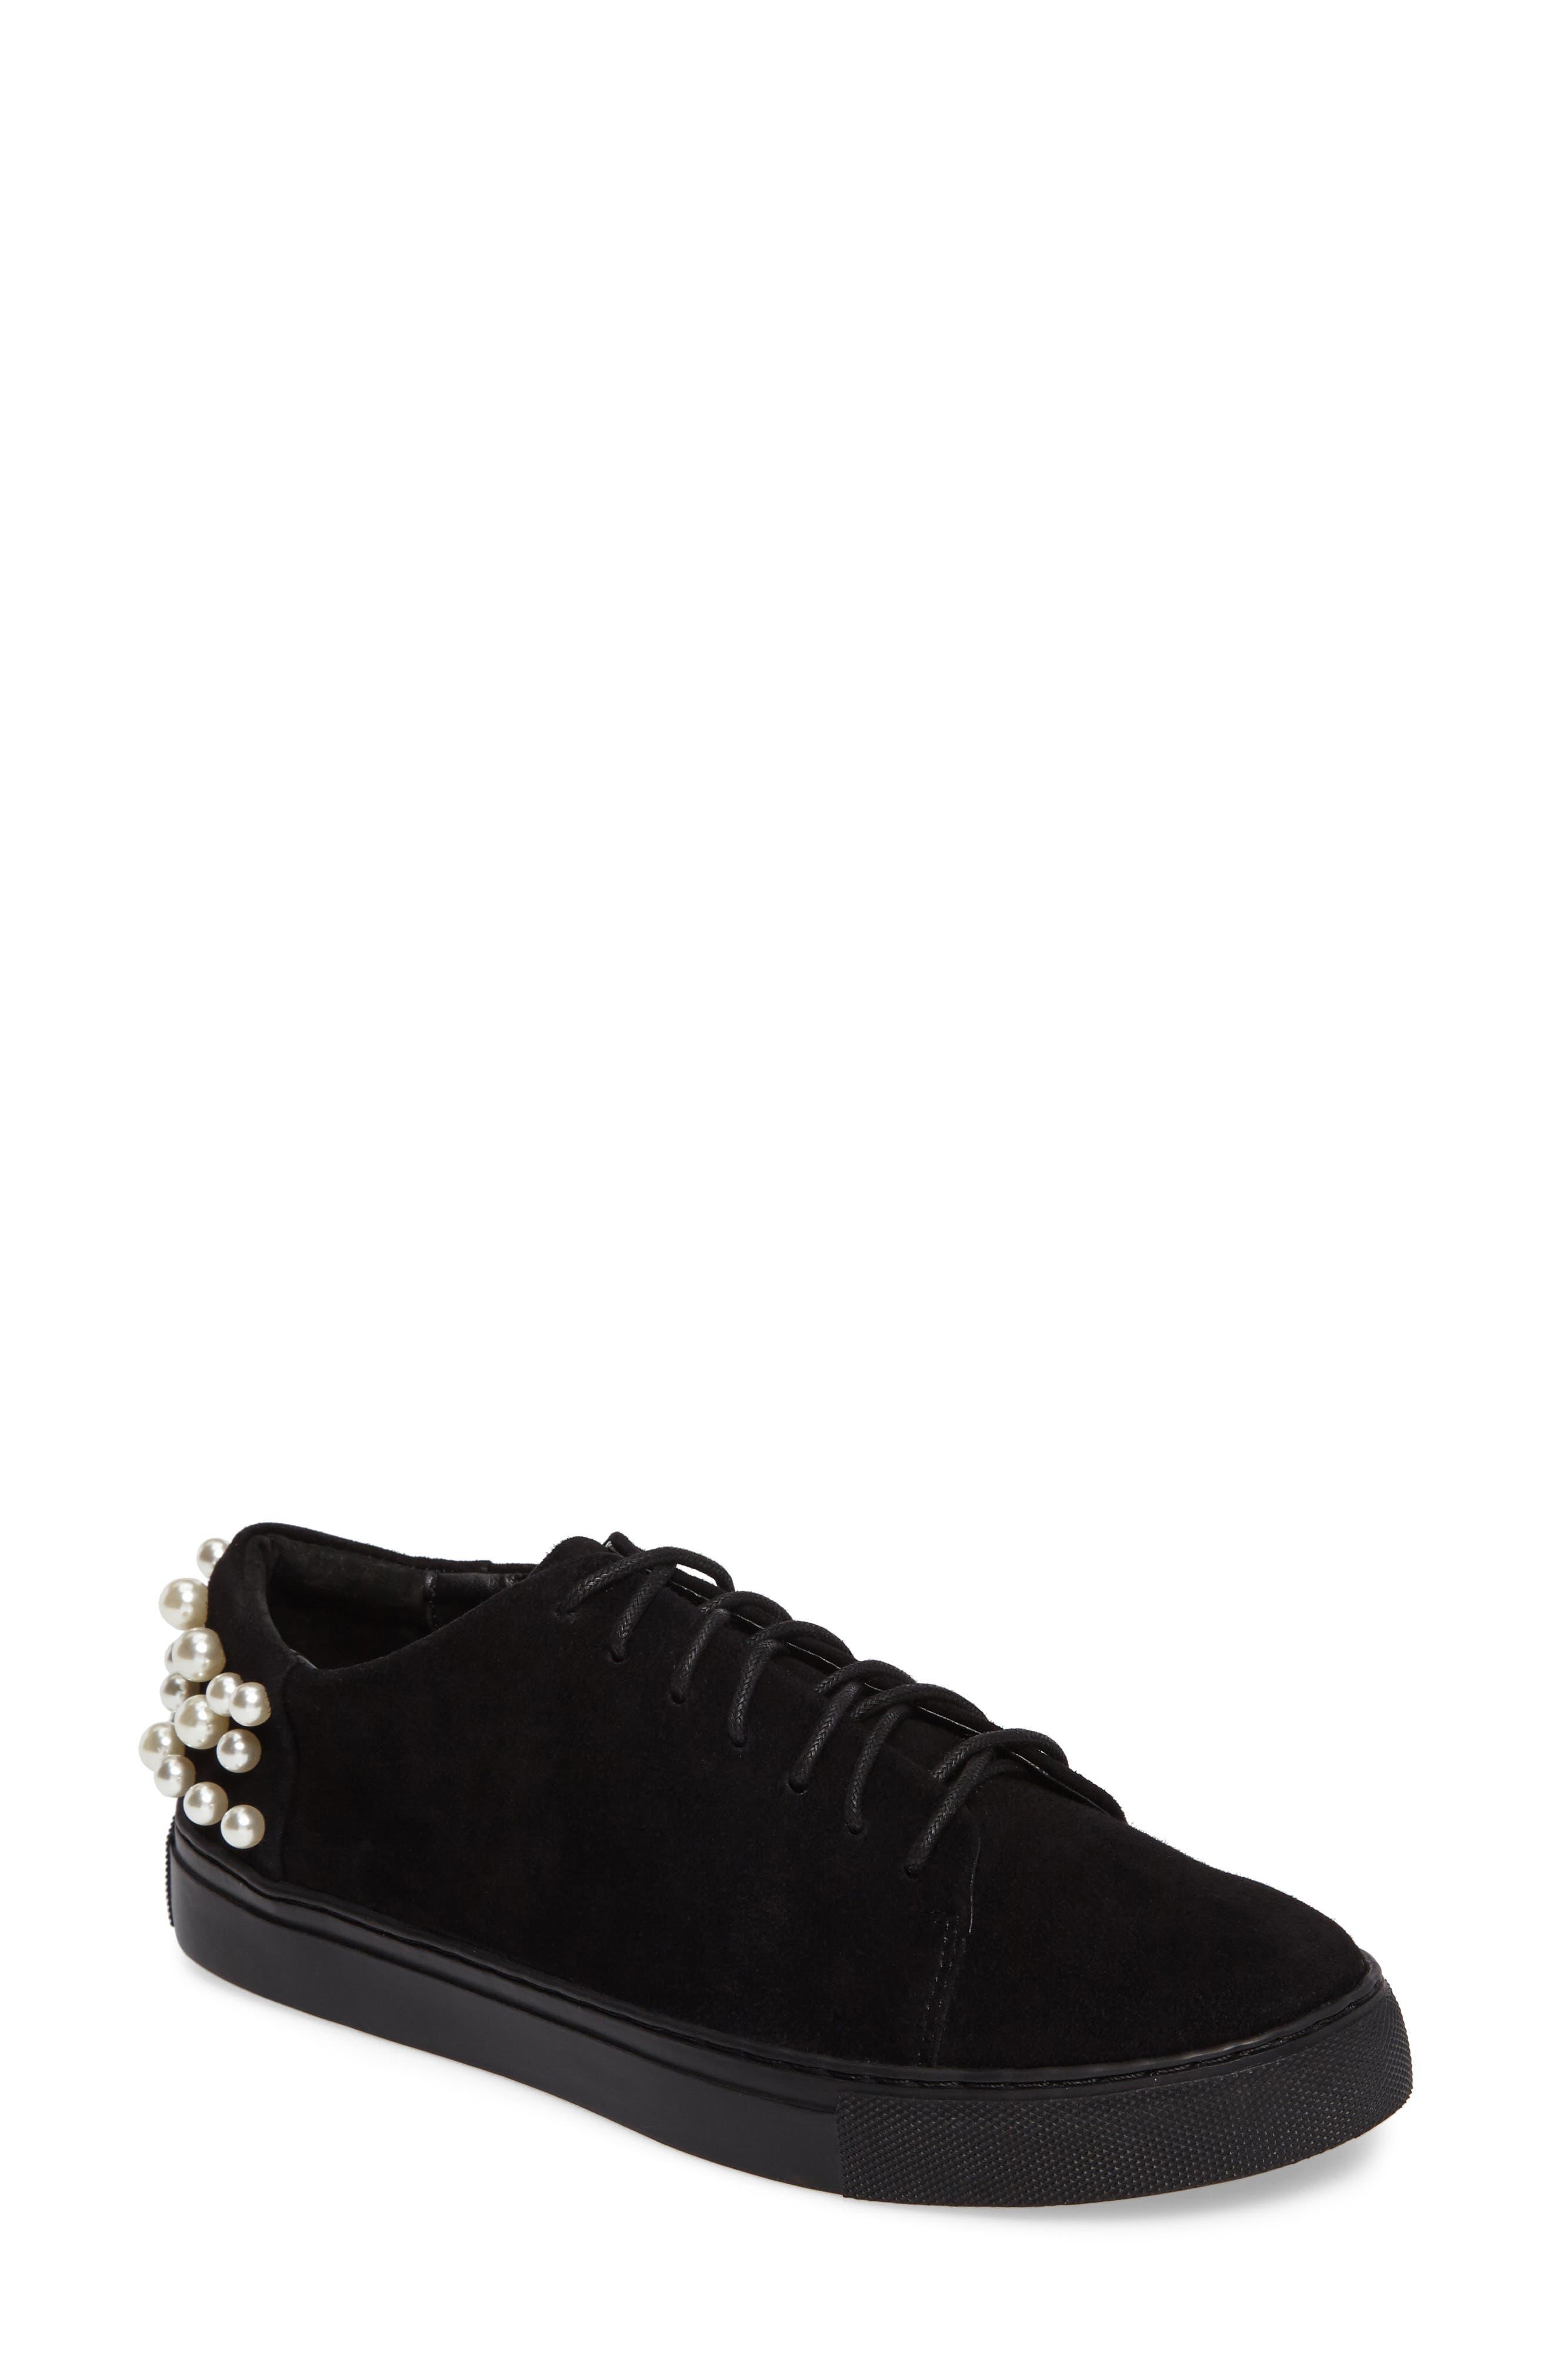 E8 by Miista Haig Embellished Sneaker (Women)